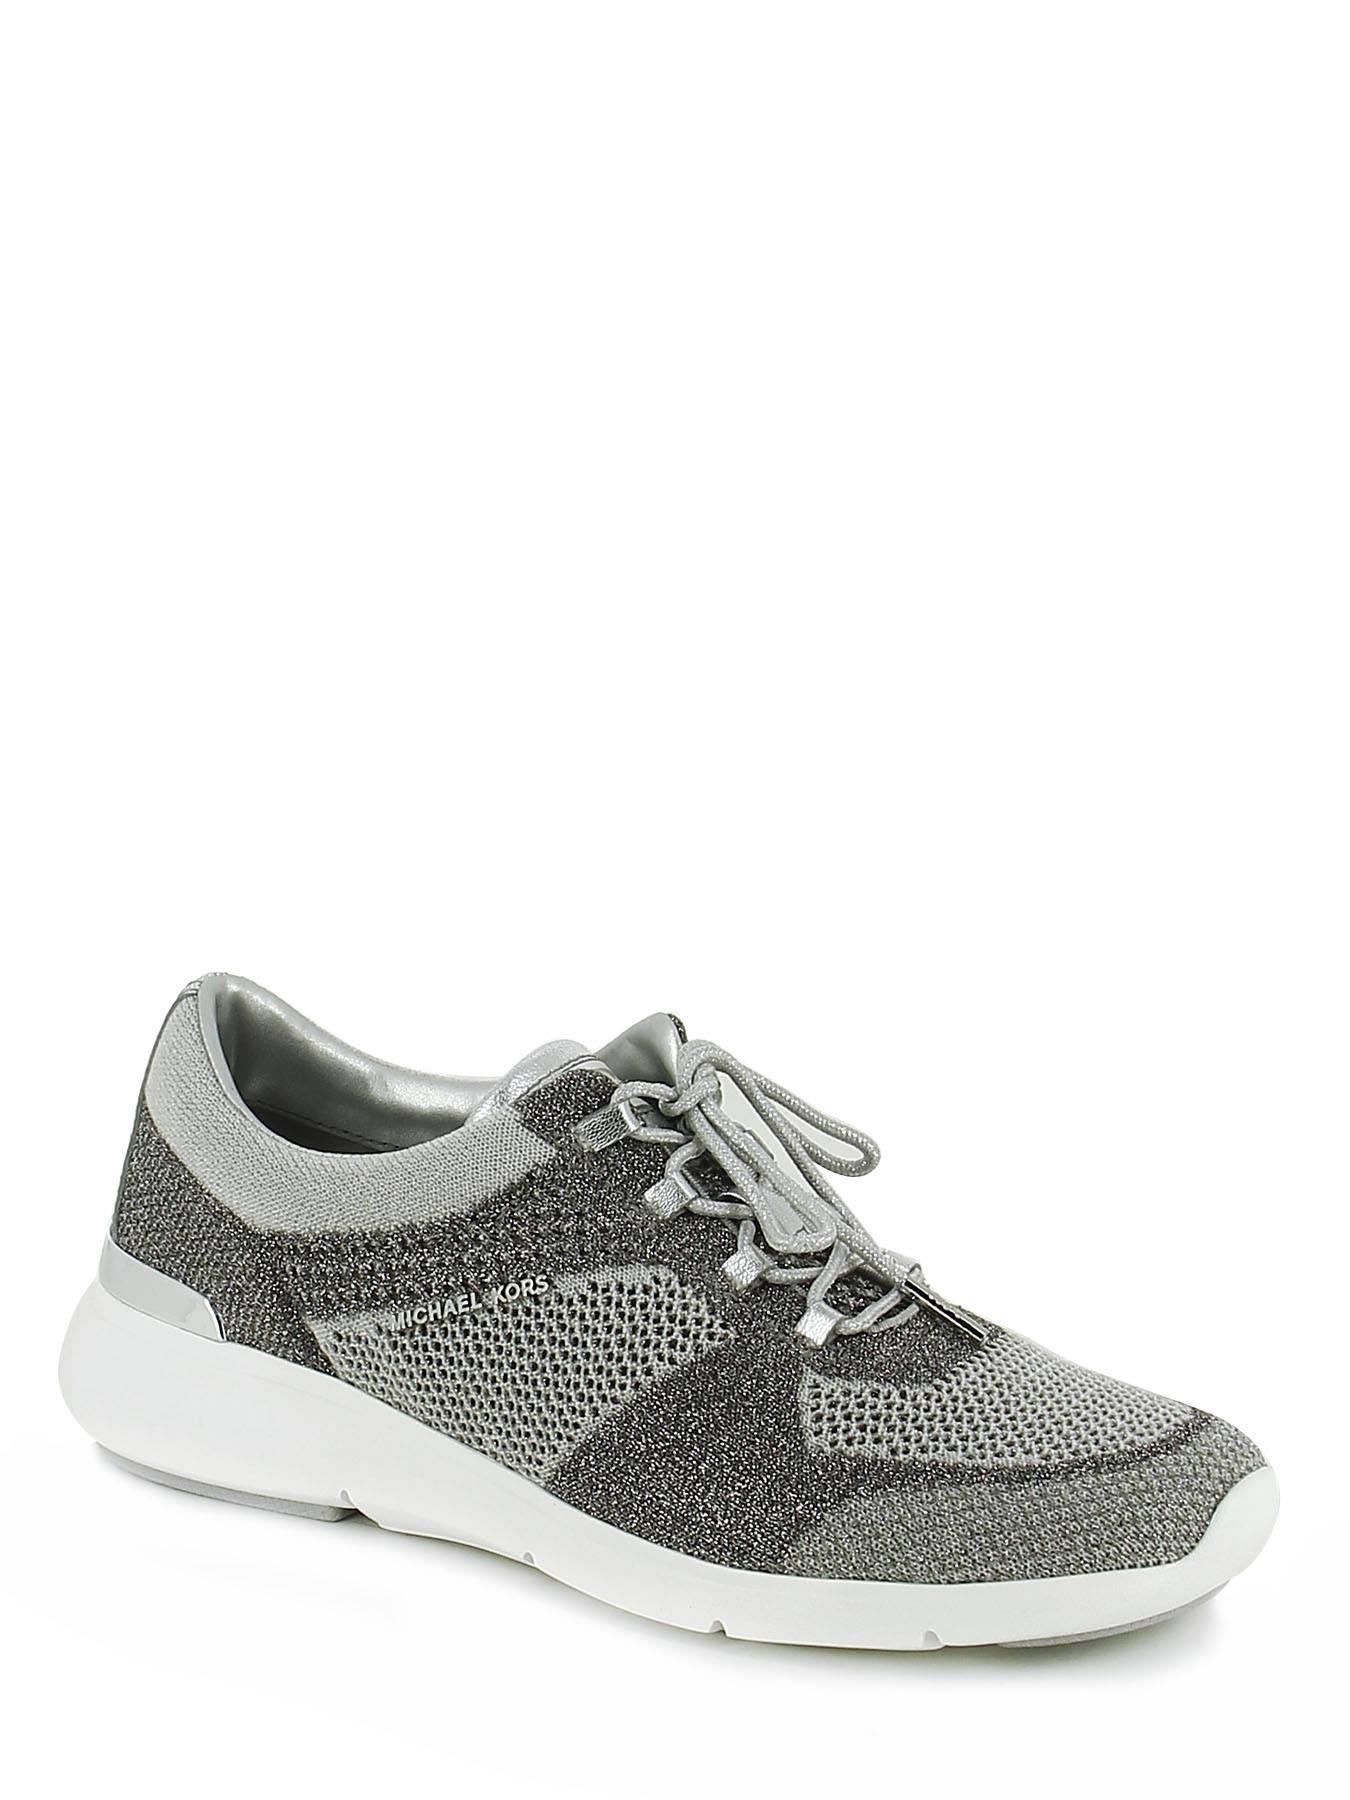 4cd2ef00609 Sneakers Michael Kors Baskets mode 43.S7SKFS1M op edisac.be